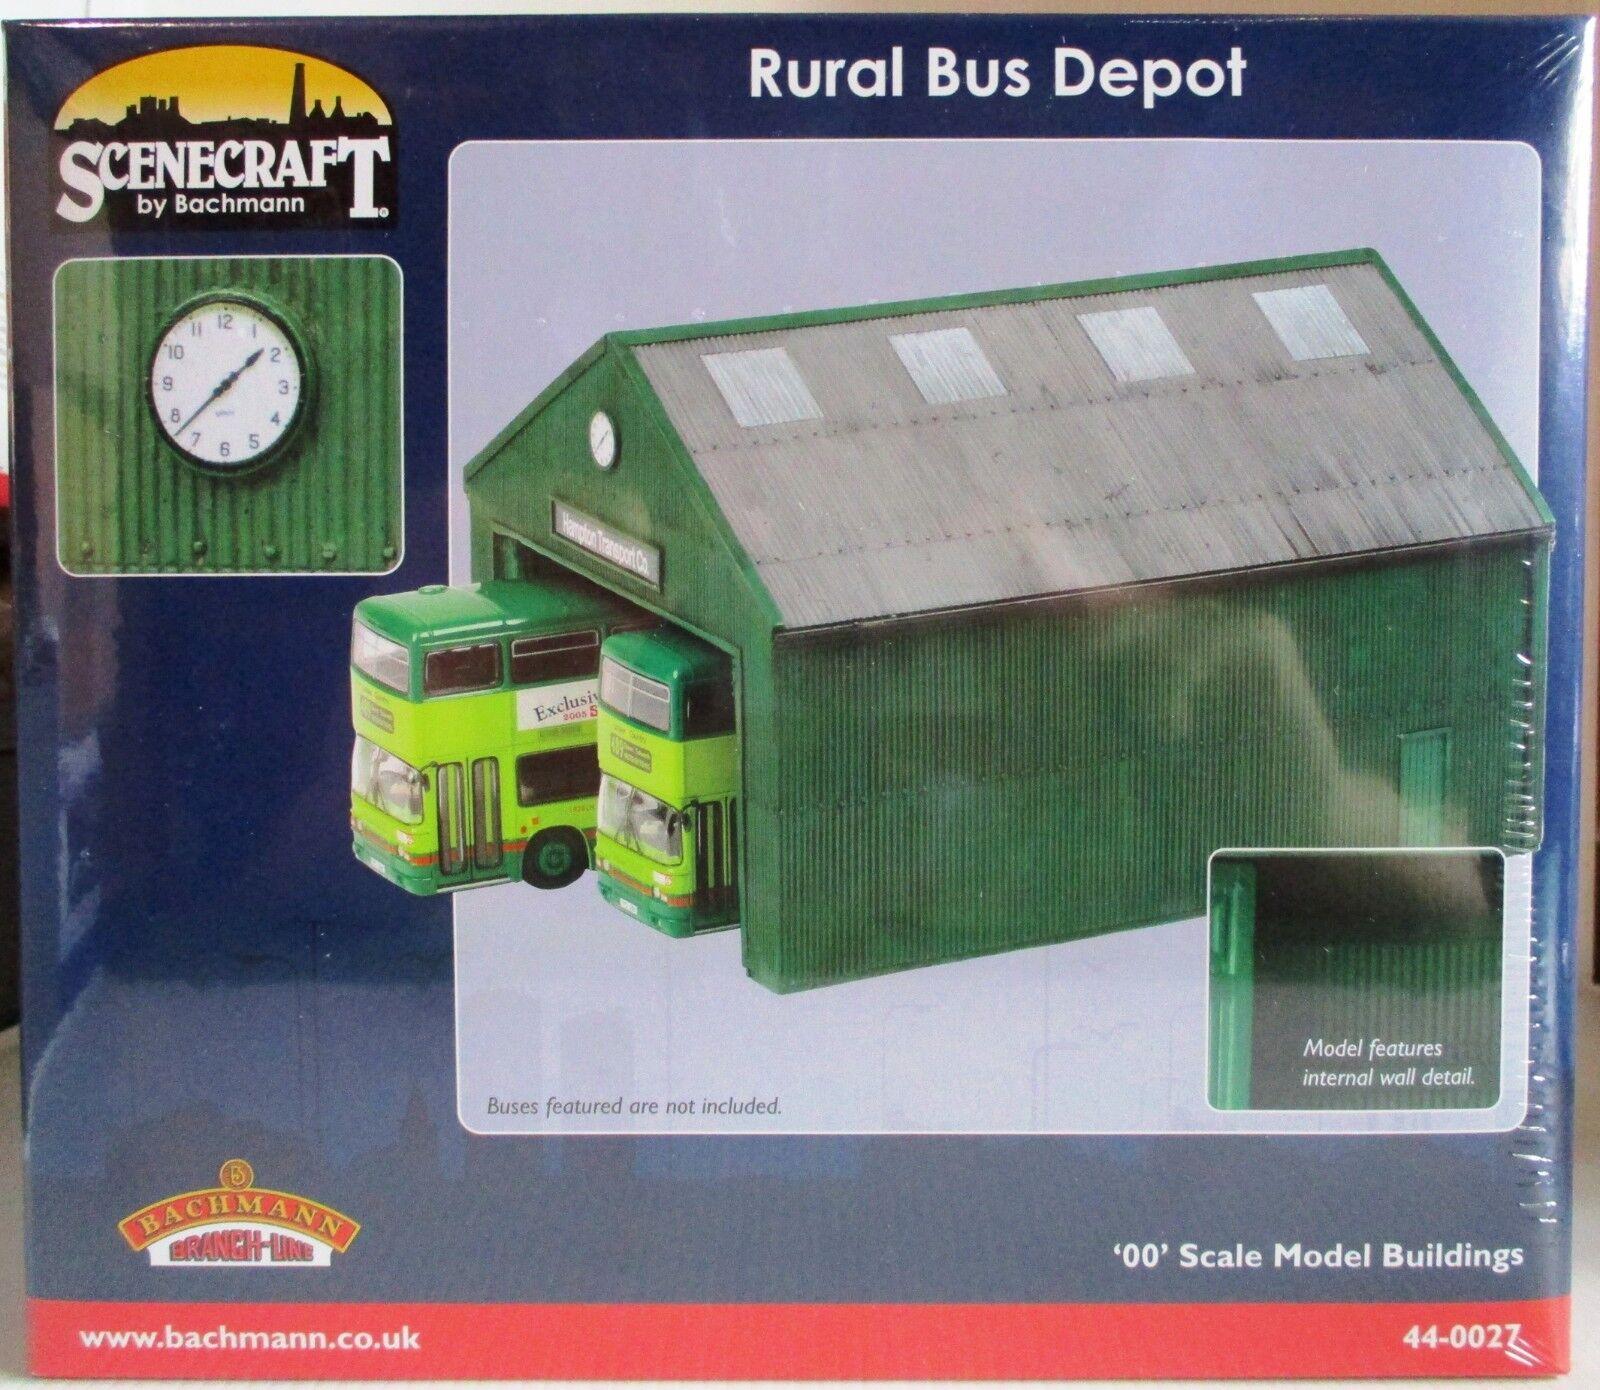 Bachmann 44-0027 Rurale Bus Depot Scala Modello Costruzione - Cingolato 48